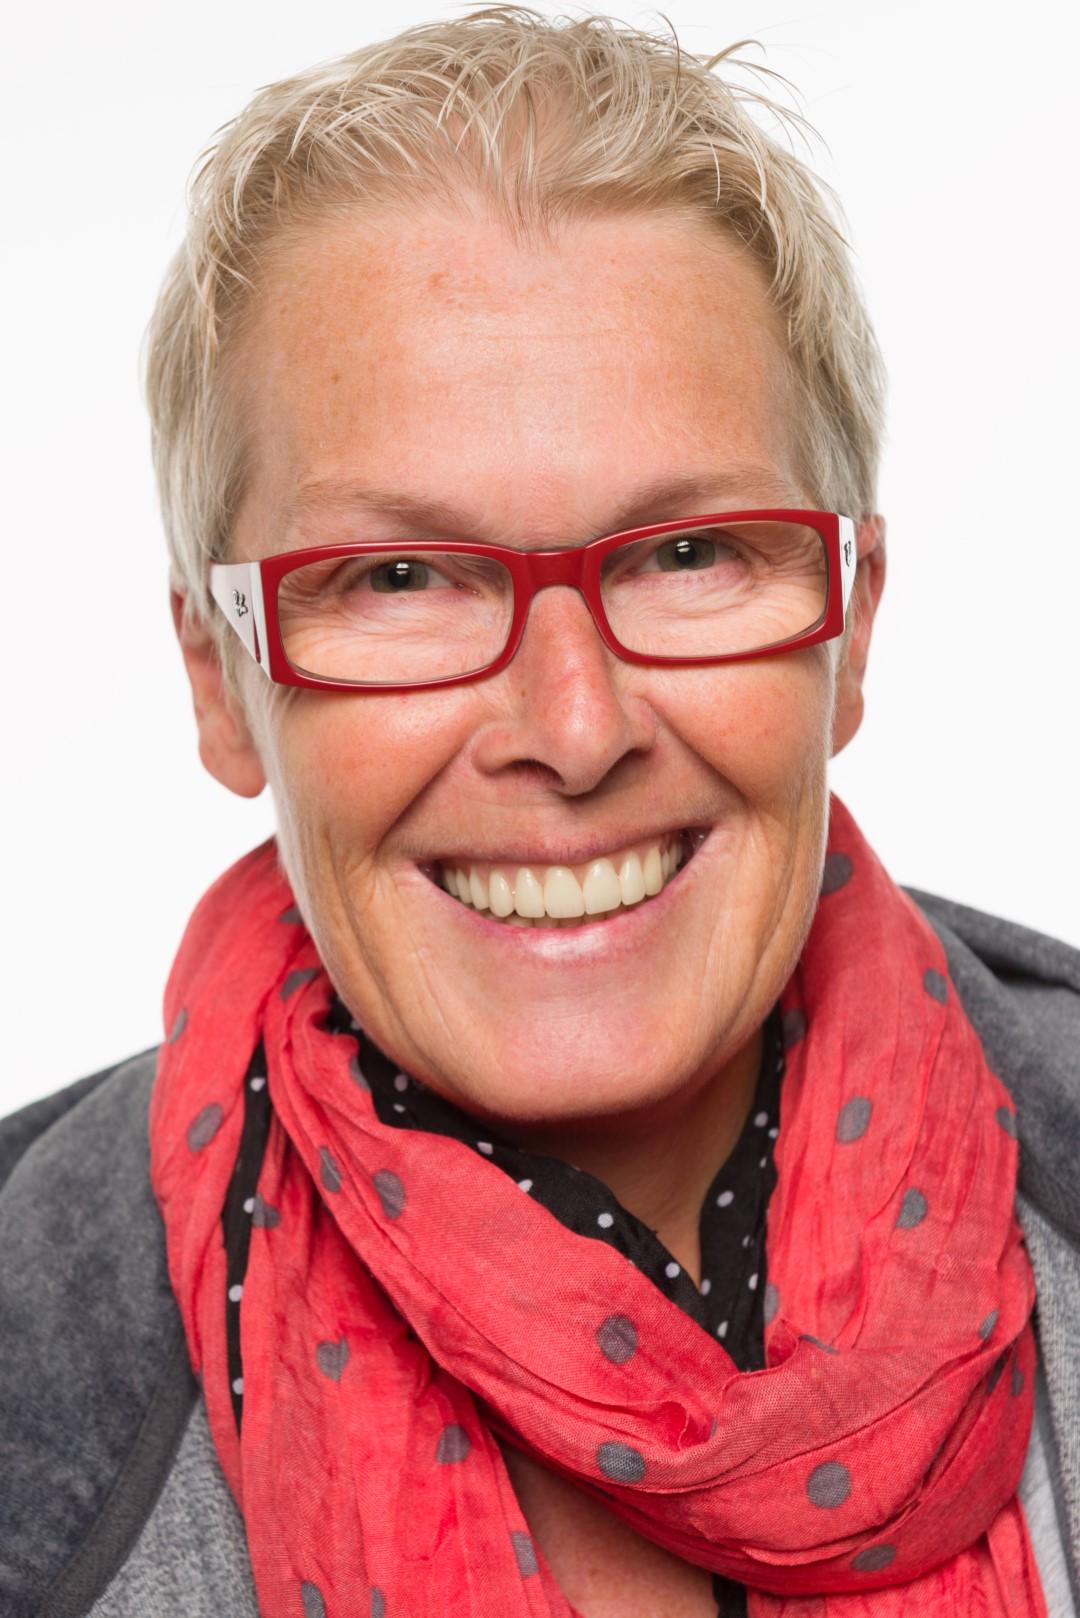 Ellie Hendrickx